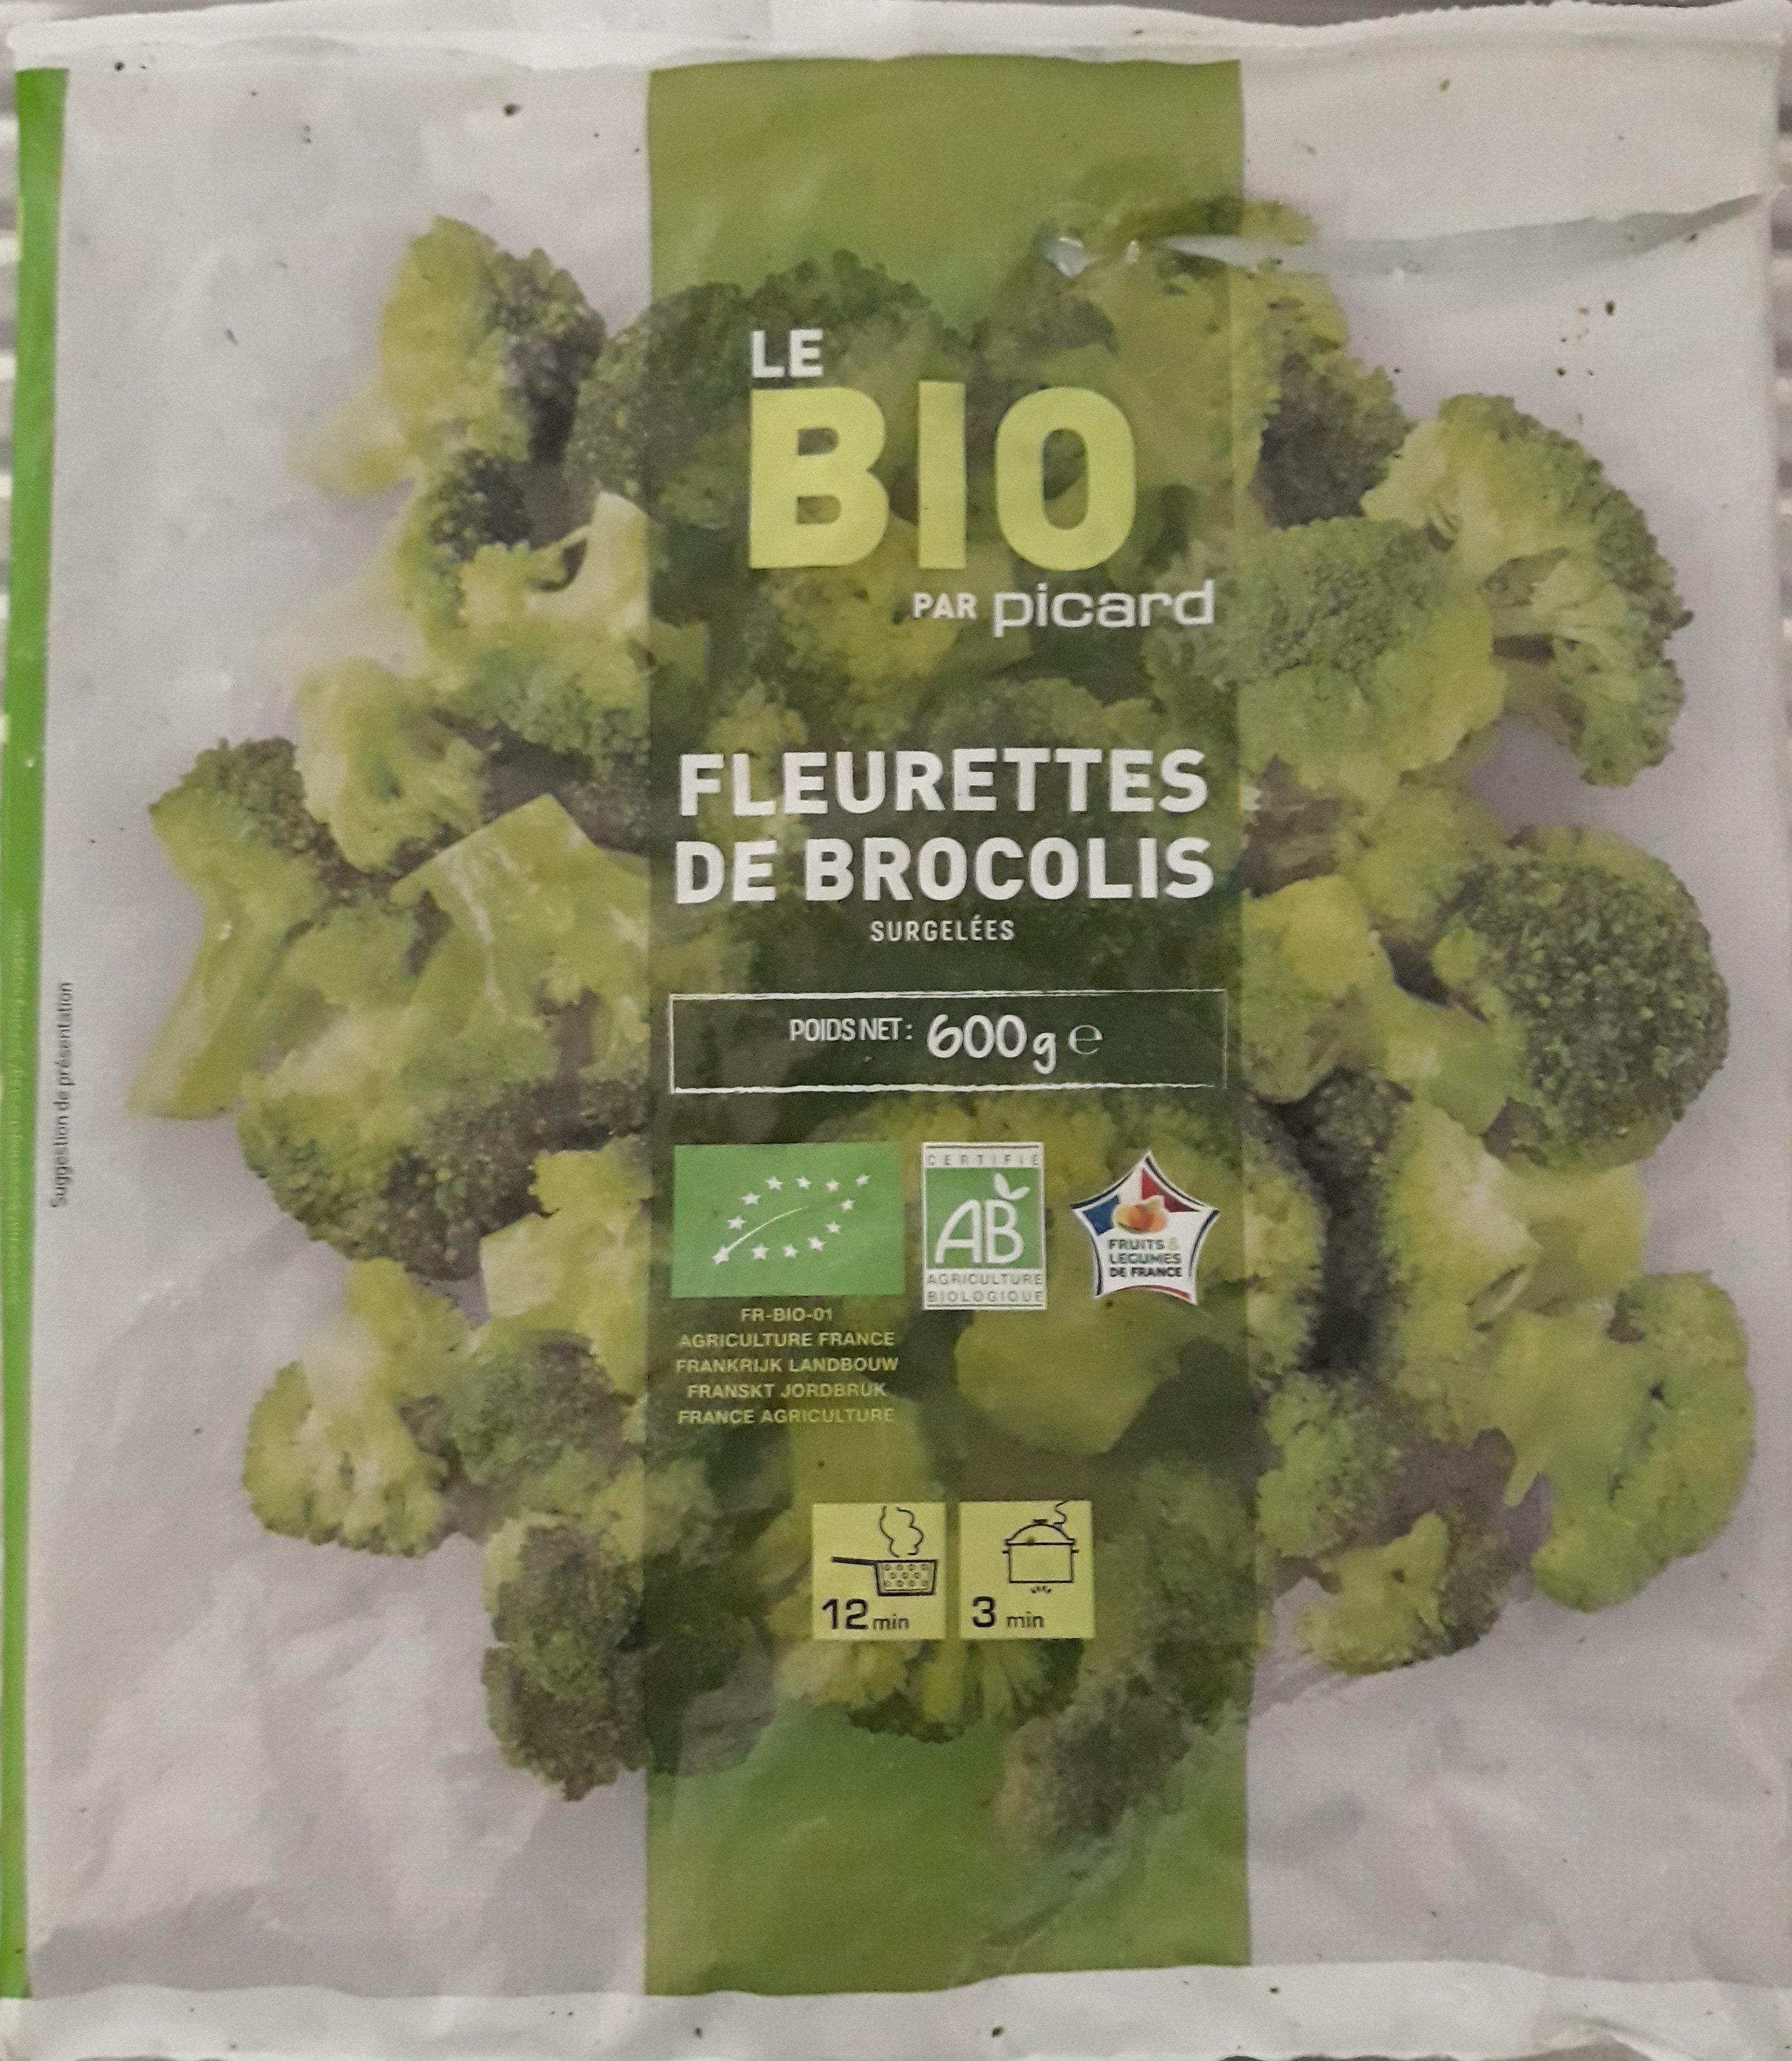 Fleurettes de brocolis - Produit - fr